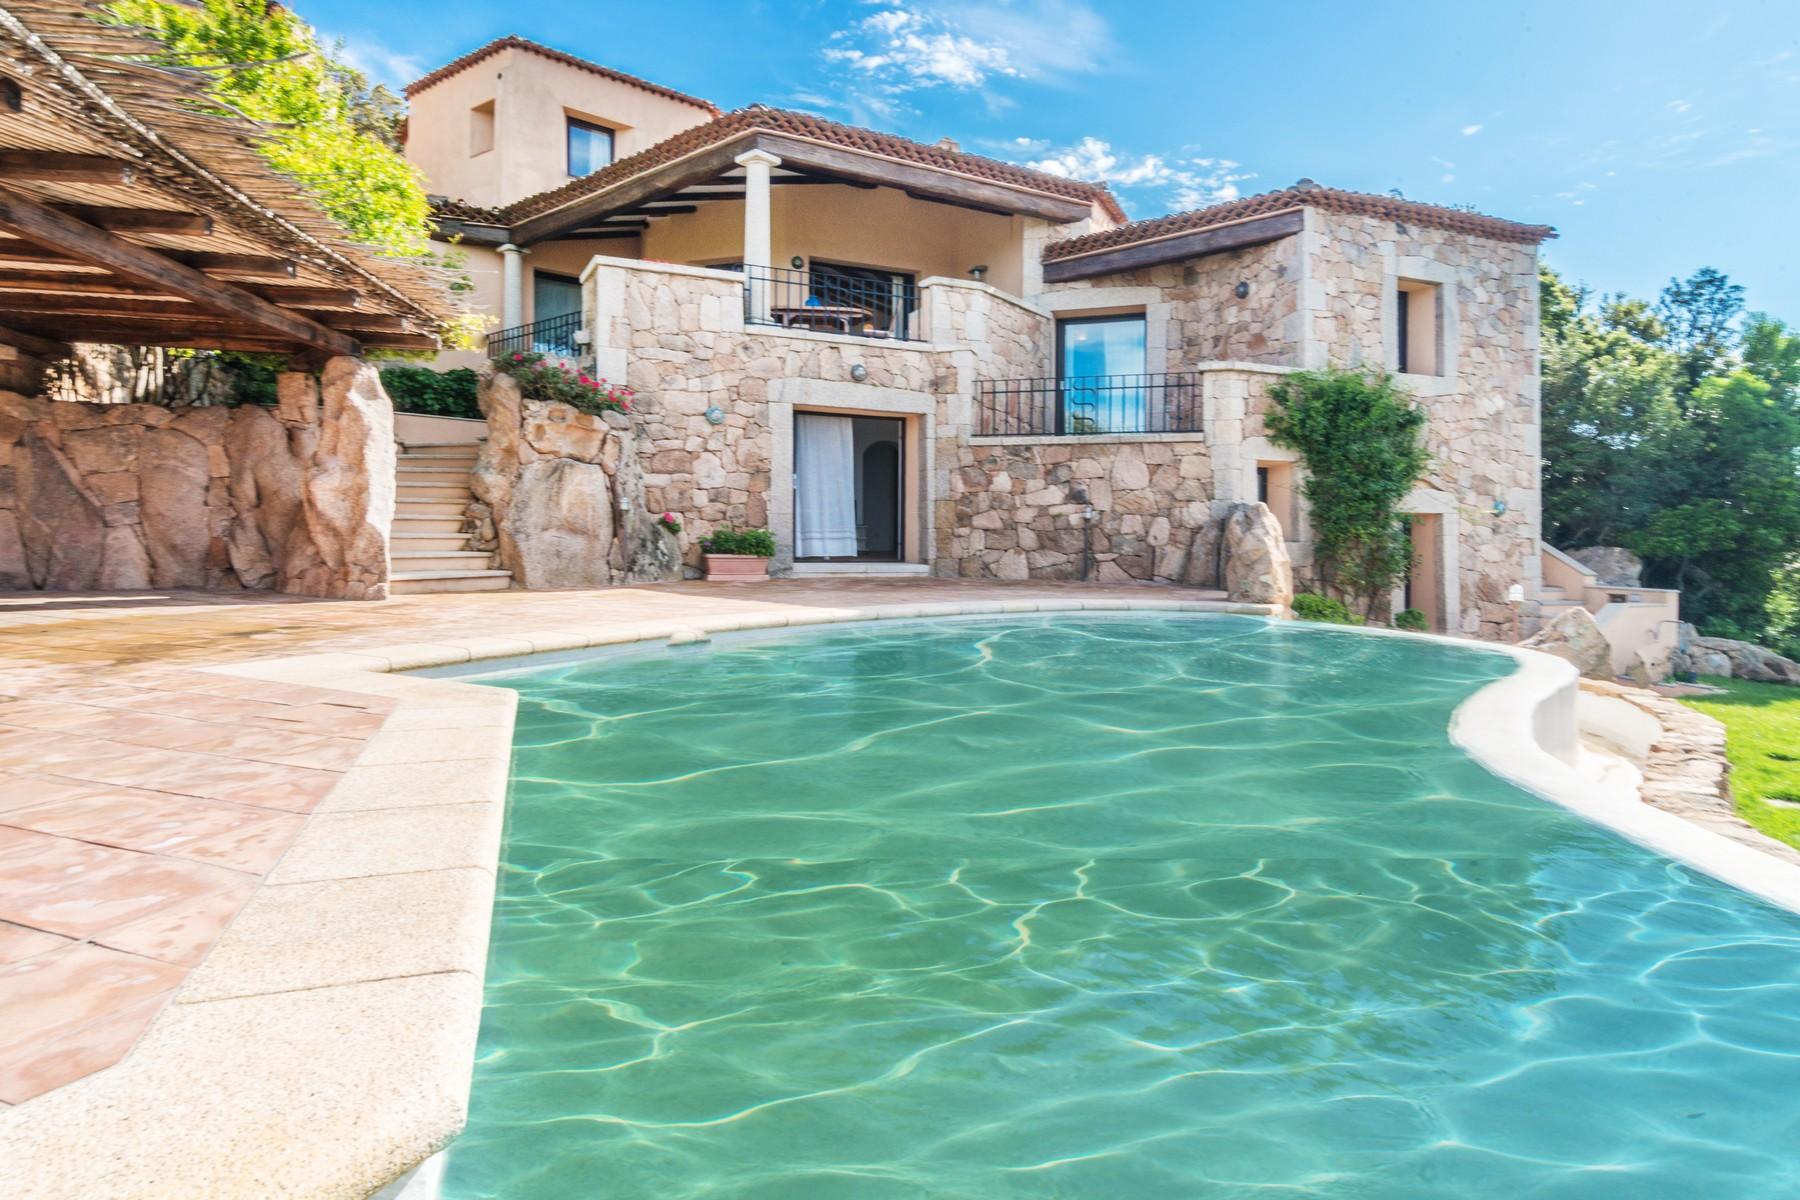 Villa in Vendita a Arzachena: 5 locali, 220 mq - Foto 1